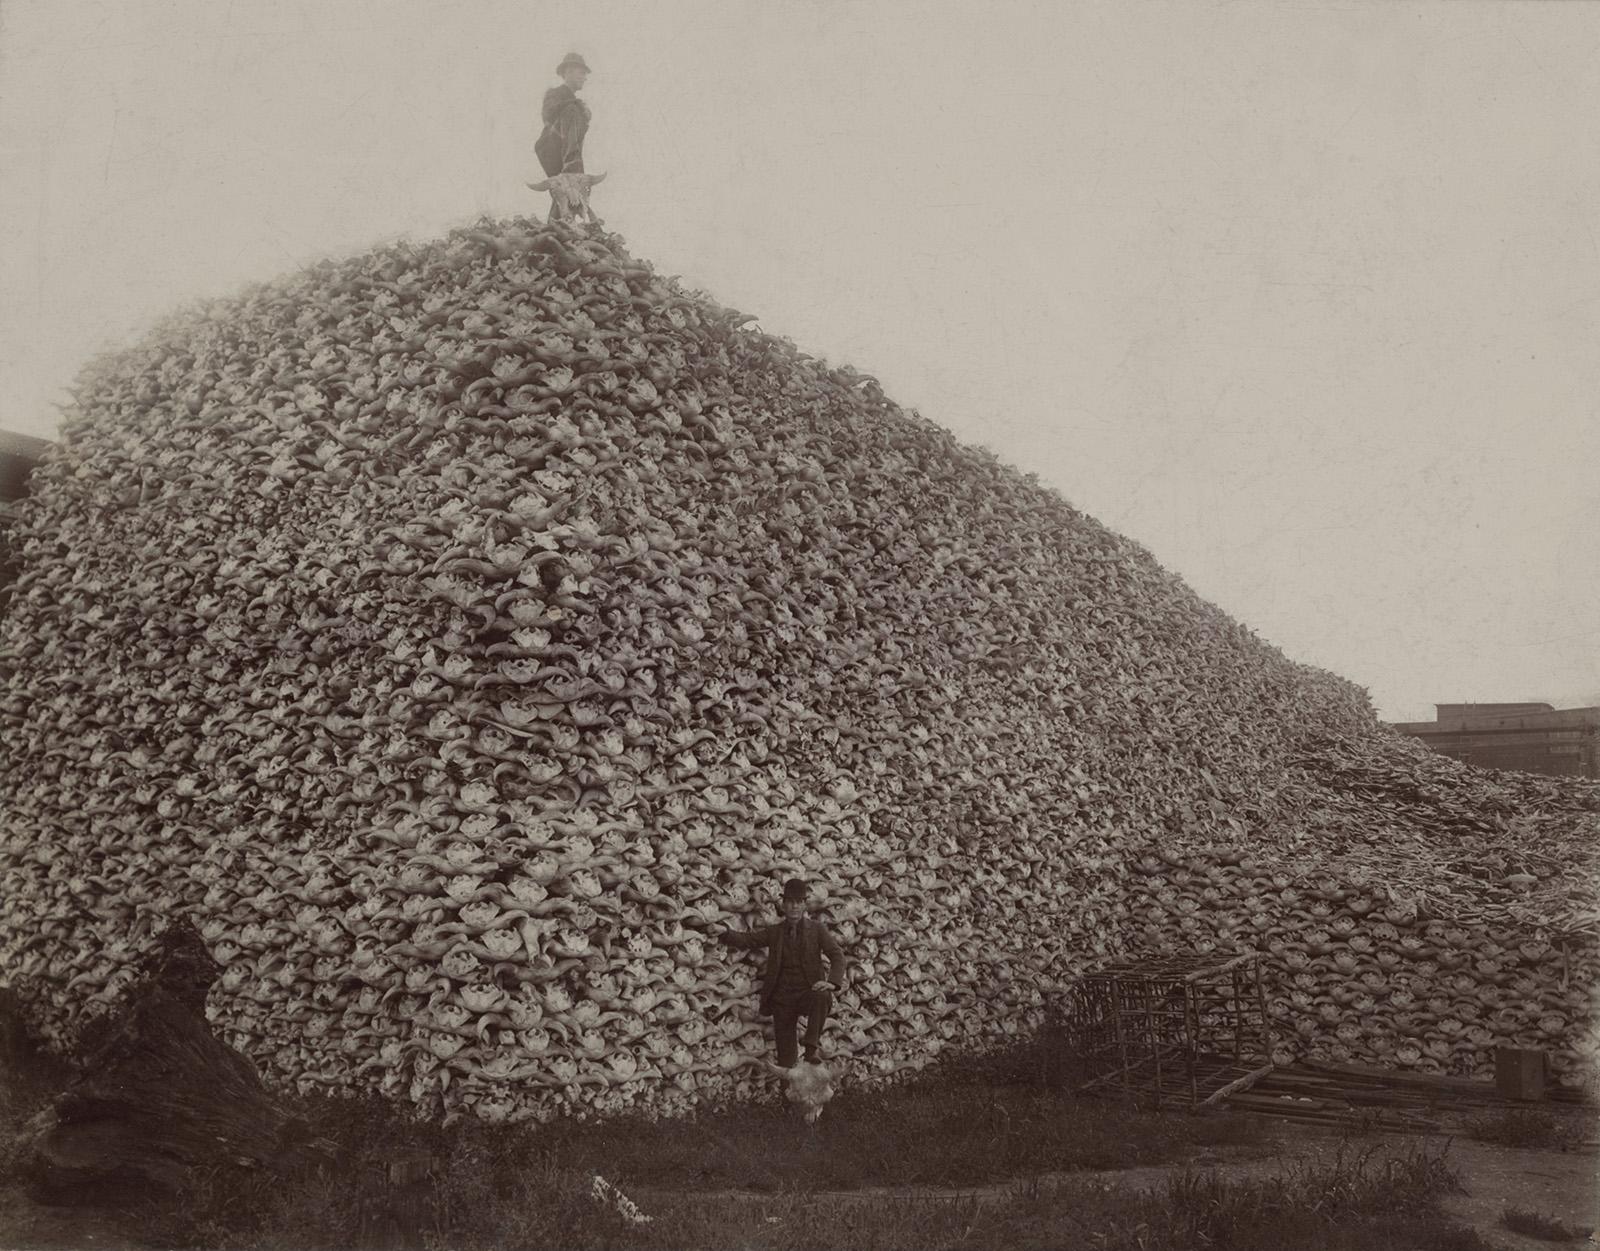 Fotografía de una pila de cráneos de bisonte para su uso como fertilizante, década de 1870